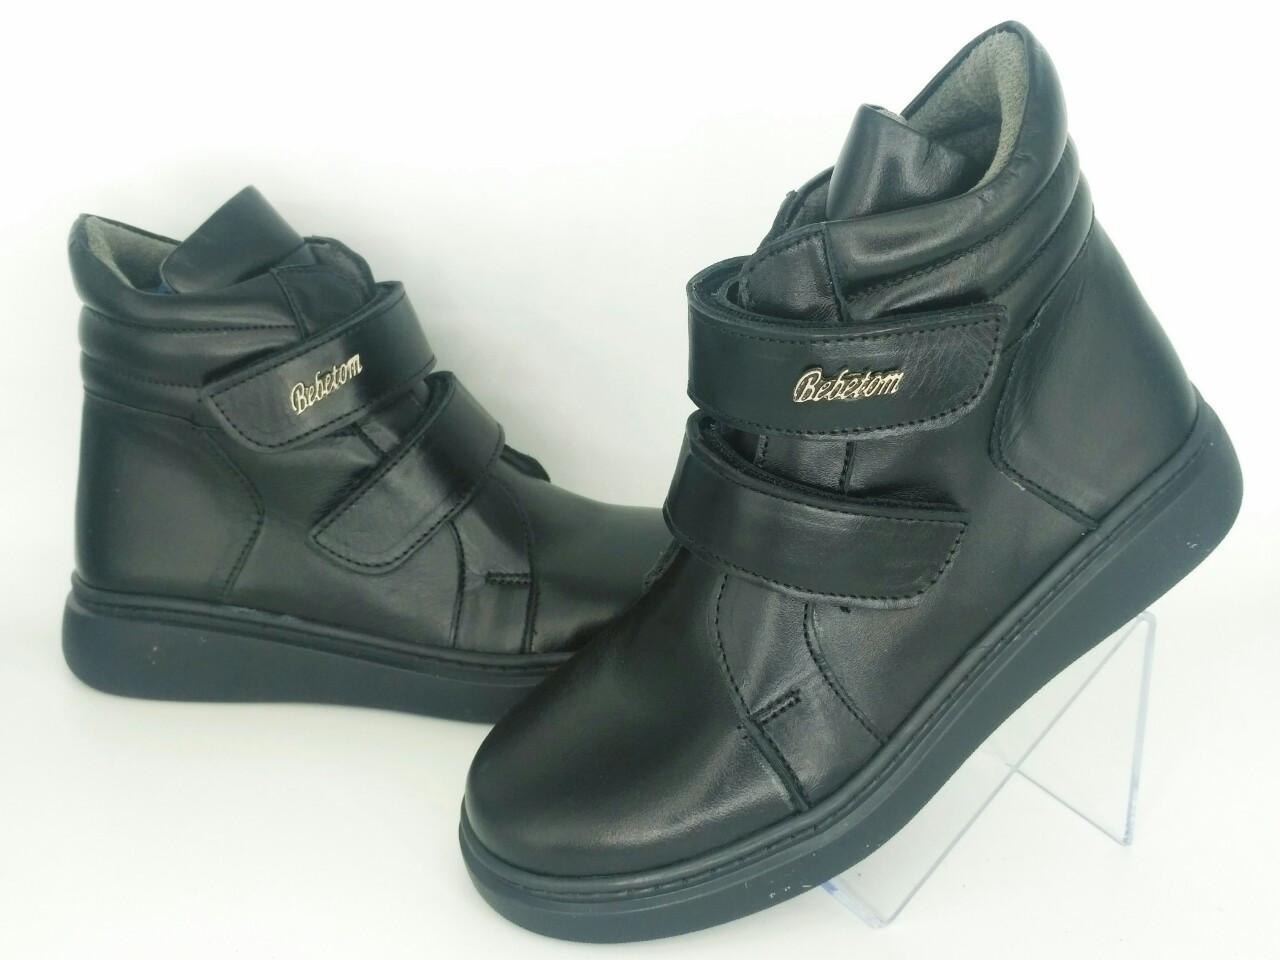 Ортопедичні дитячі чоботи  ВЕВЕТОМ для дівчинки